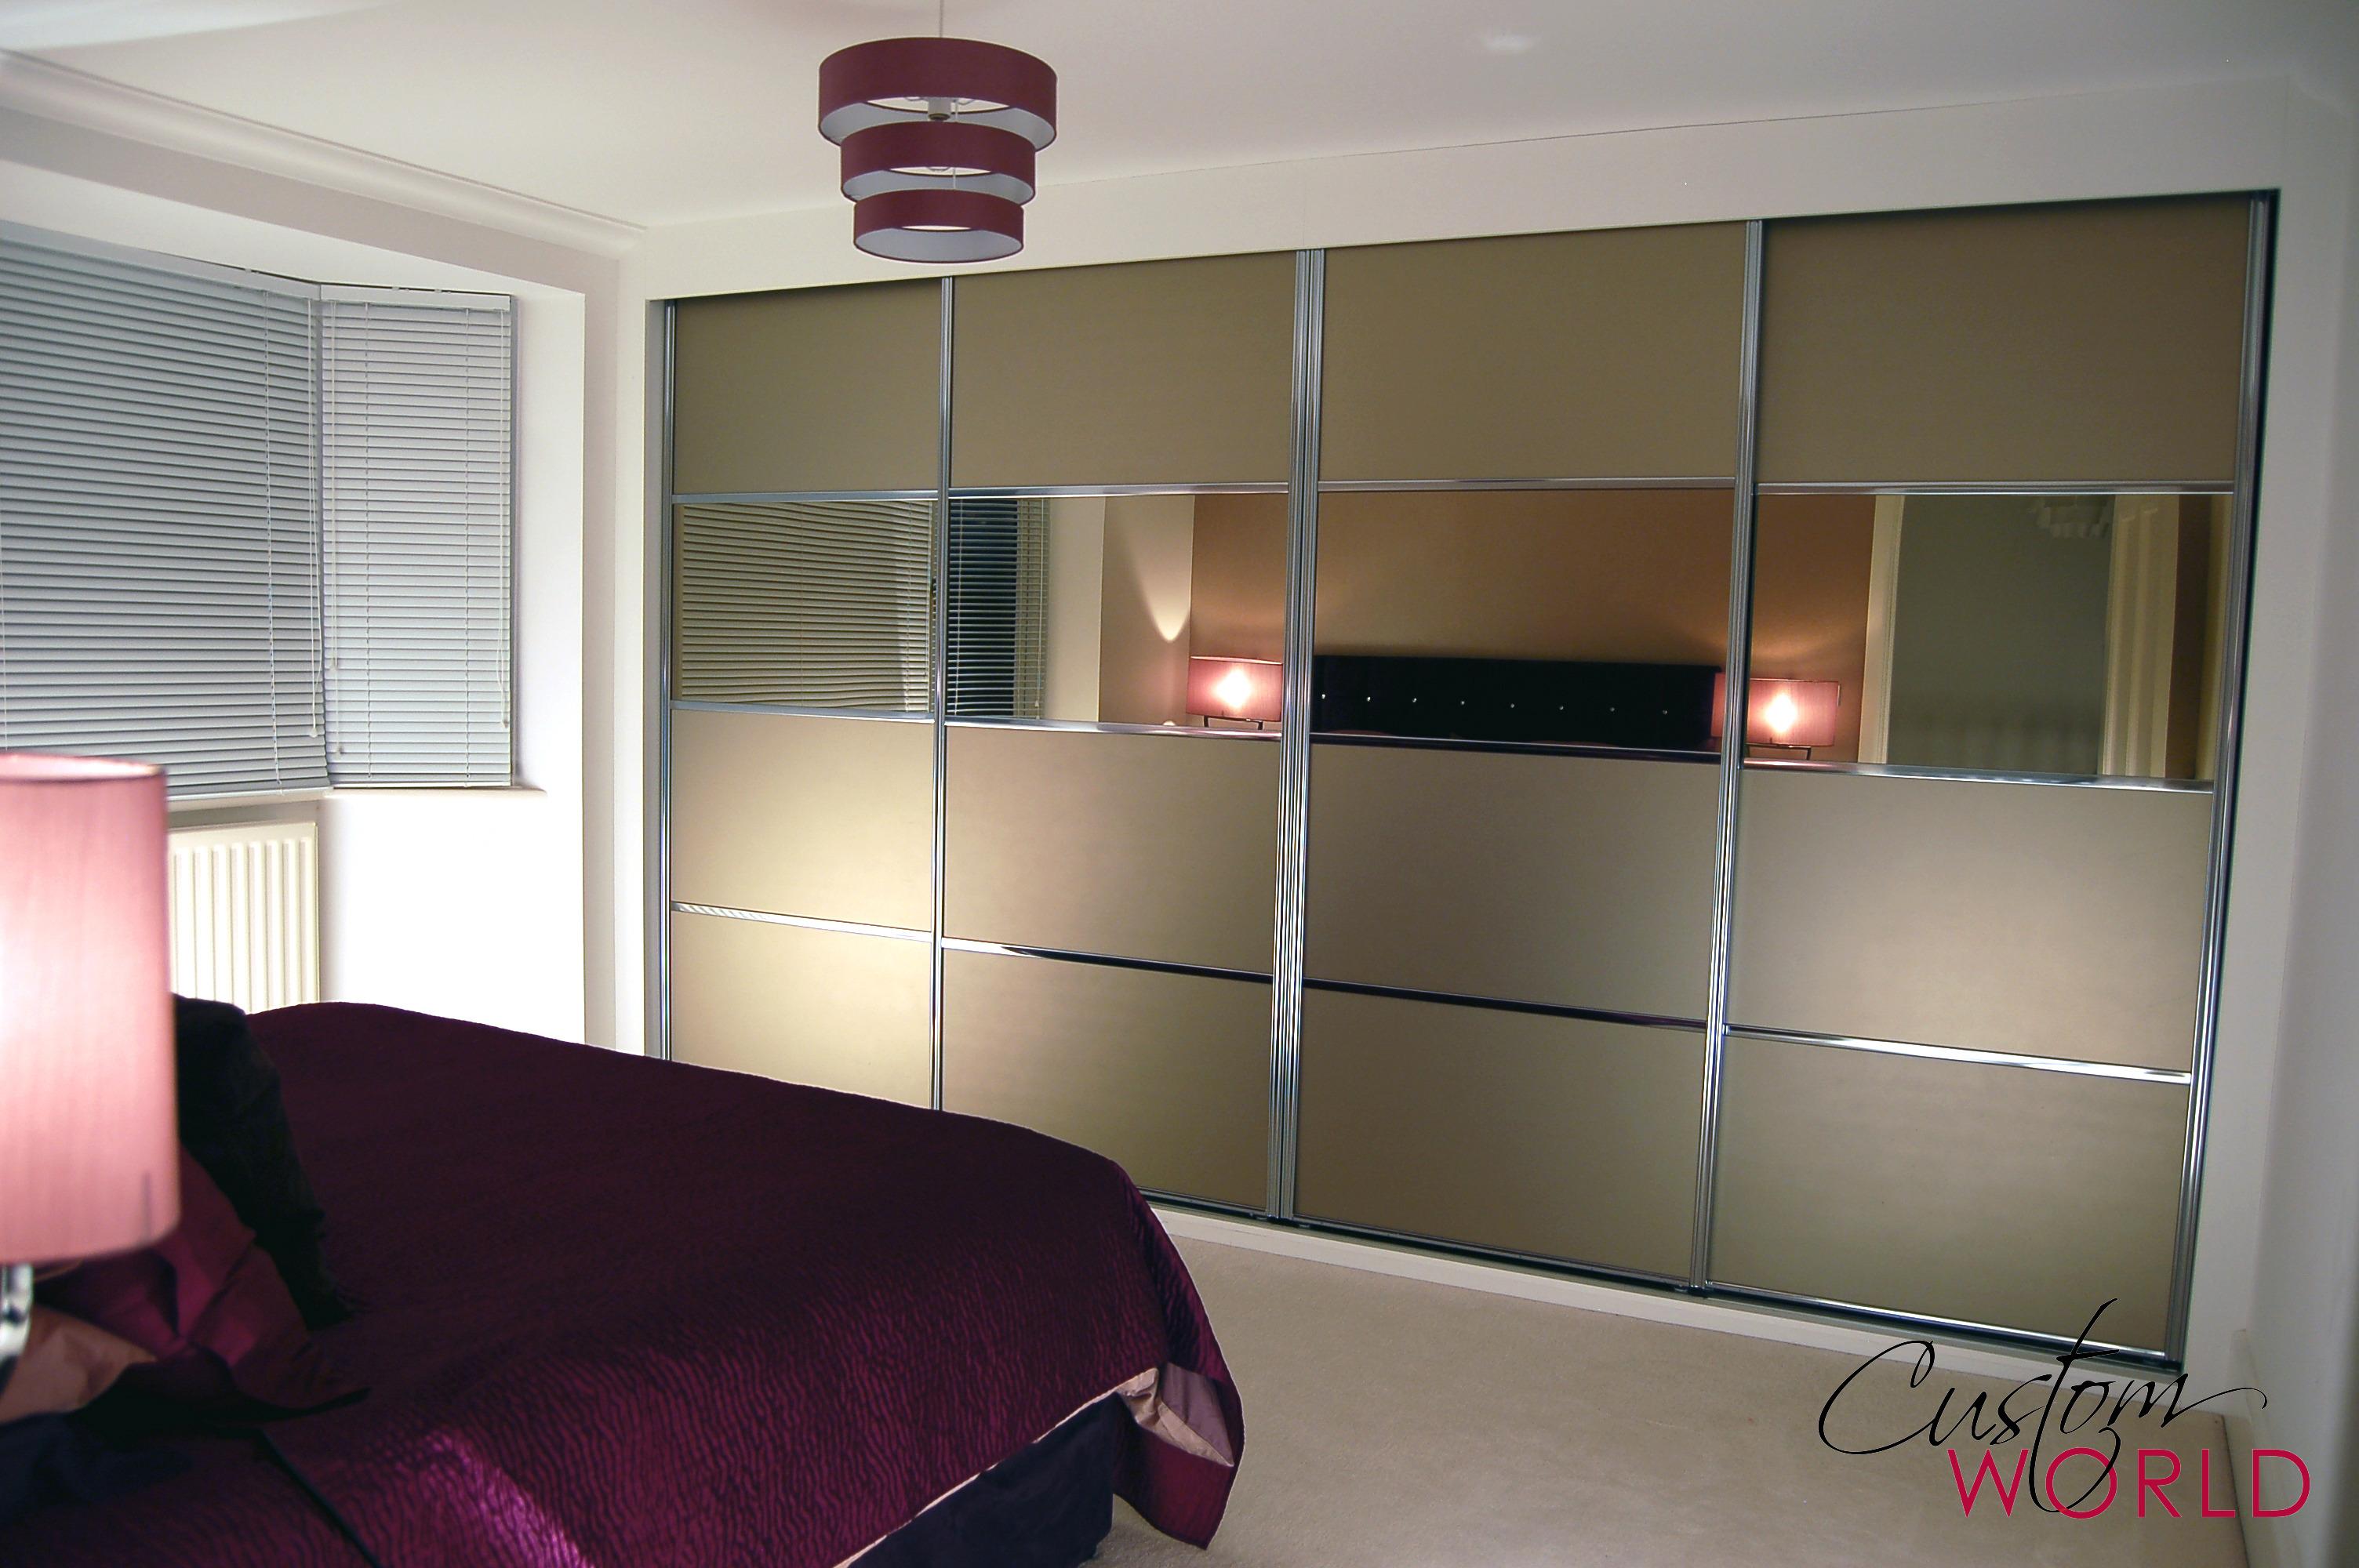 4 door slider with coloured glass